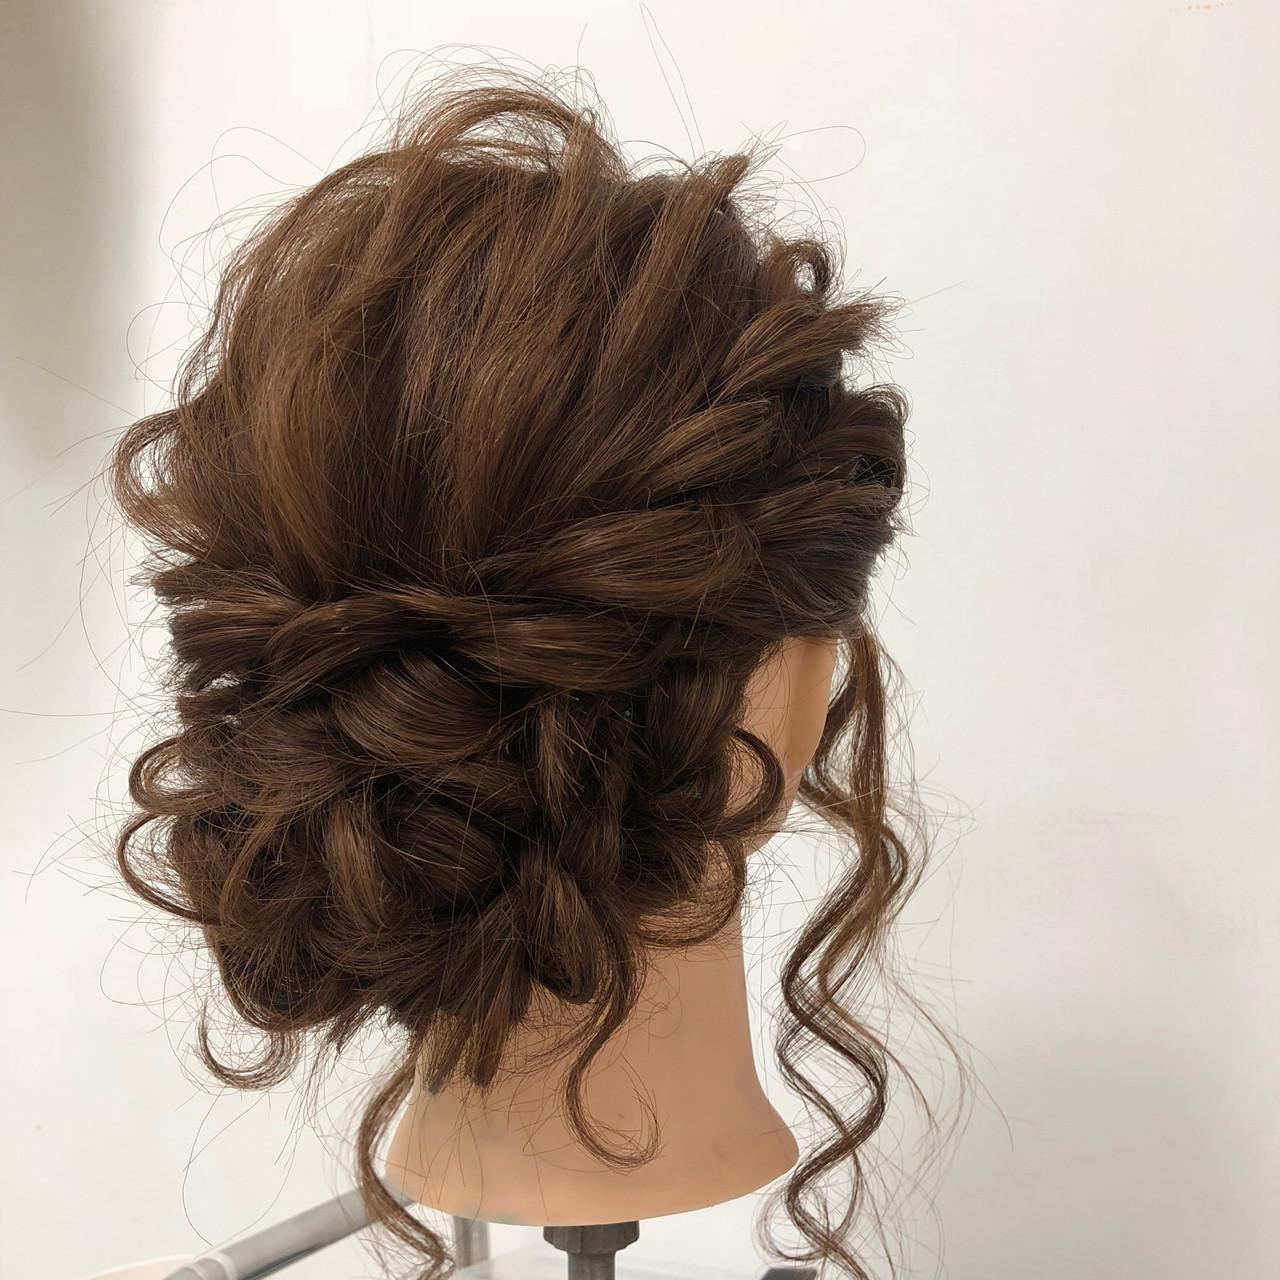 ロング ゆるふわ 大人かわいい フェミニン ヘアスタイルや髪型の写真・画像